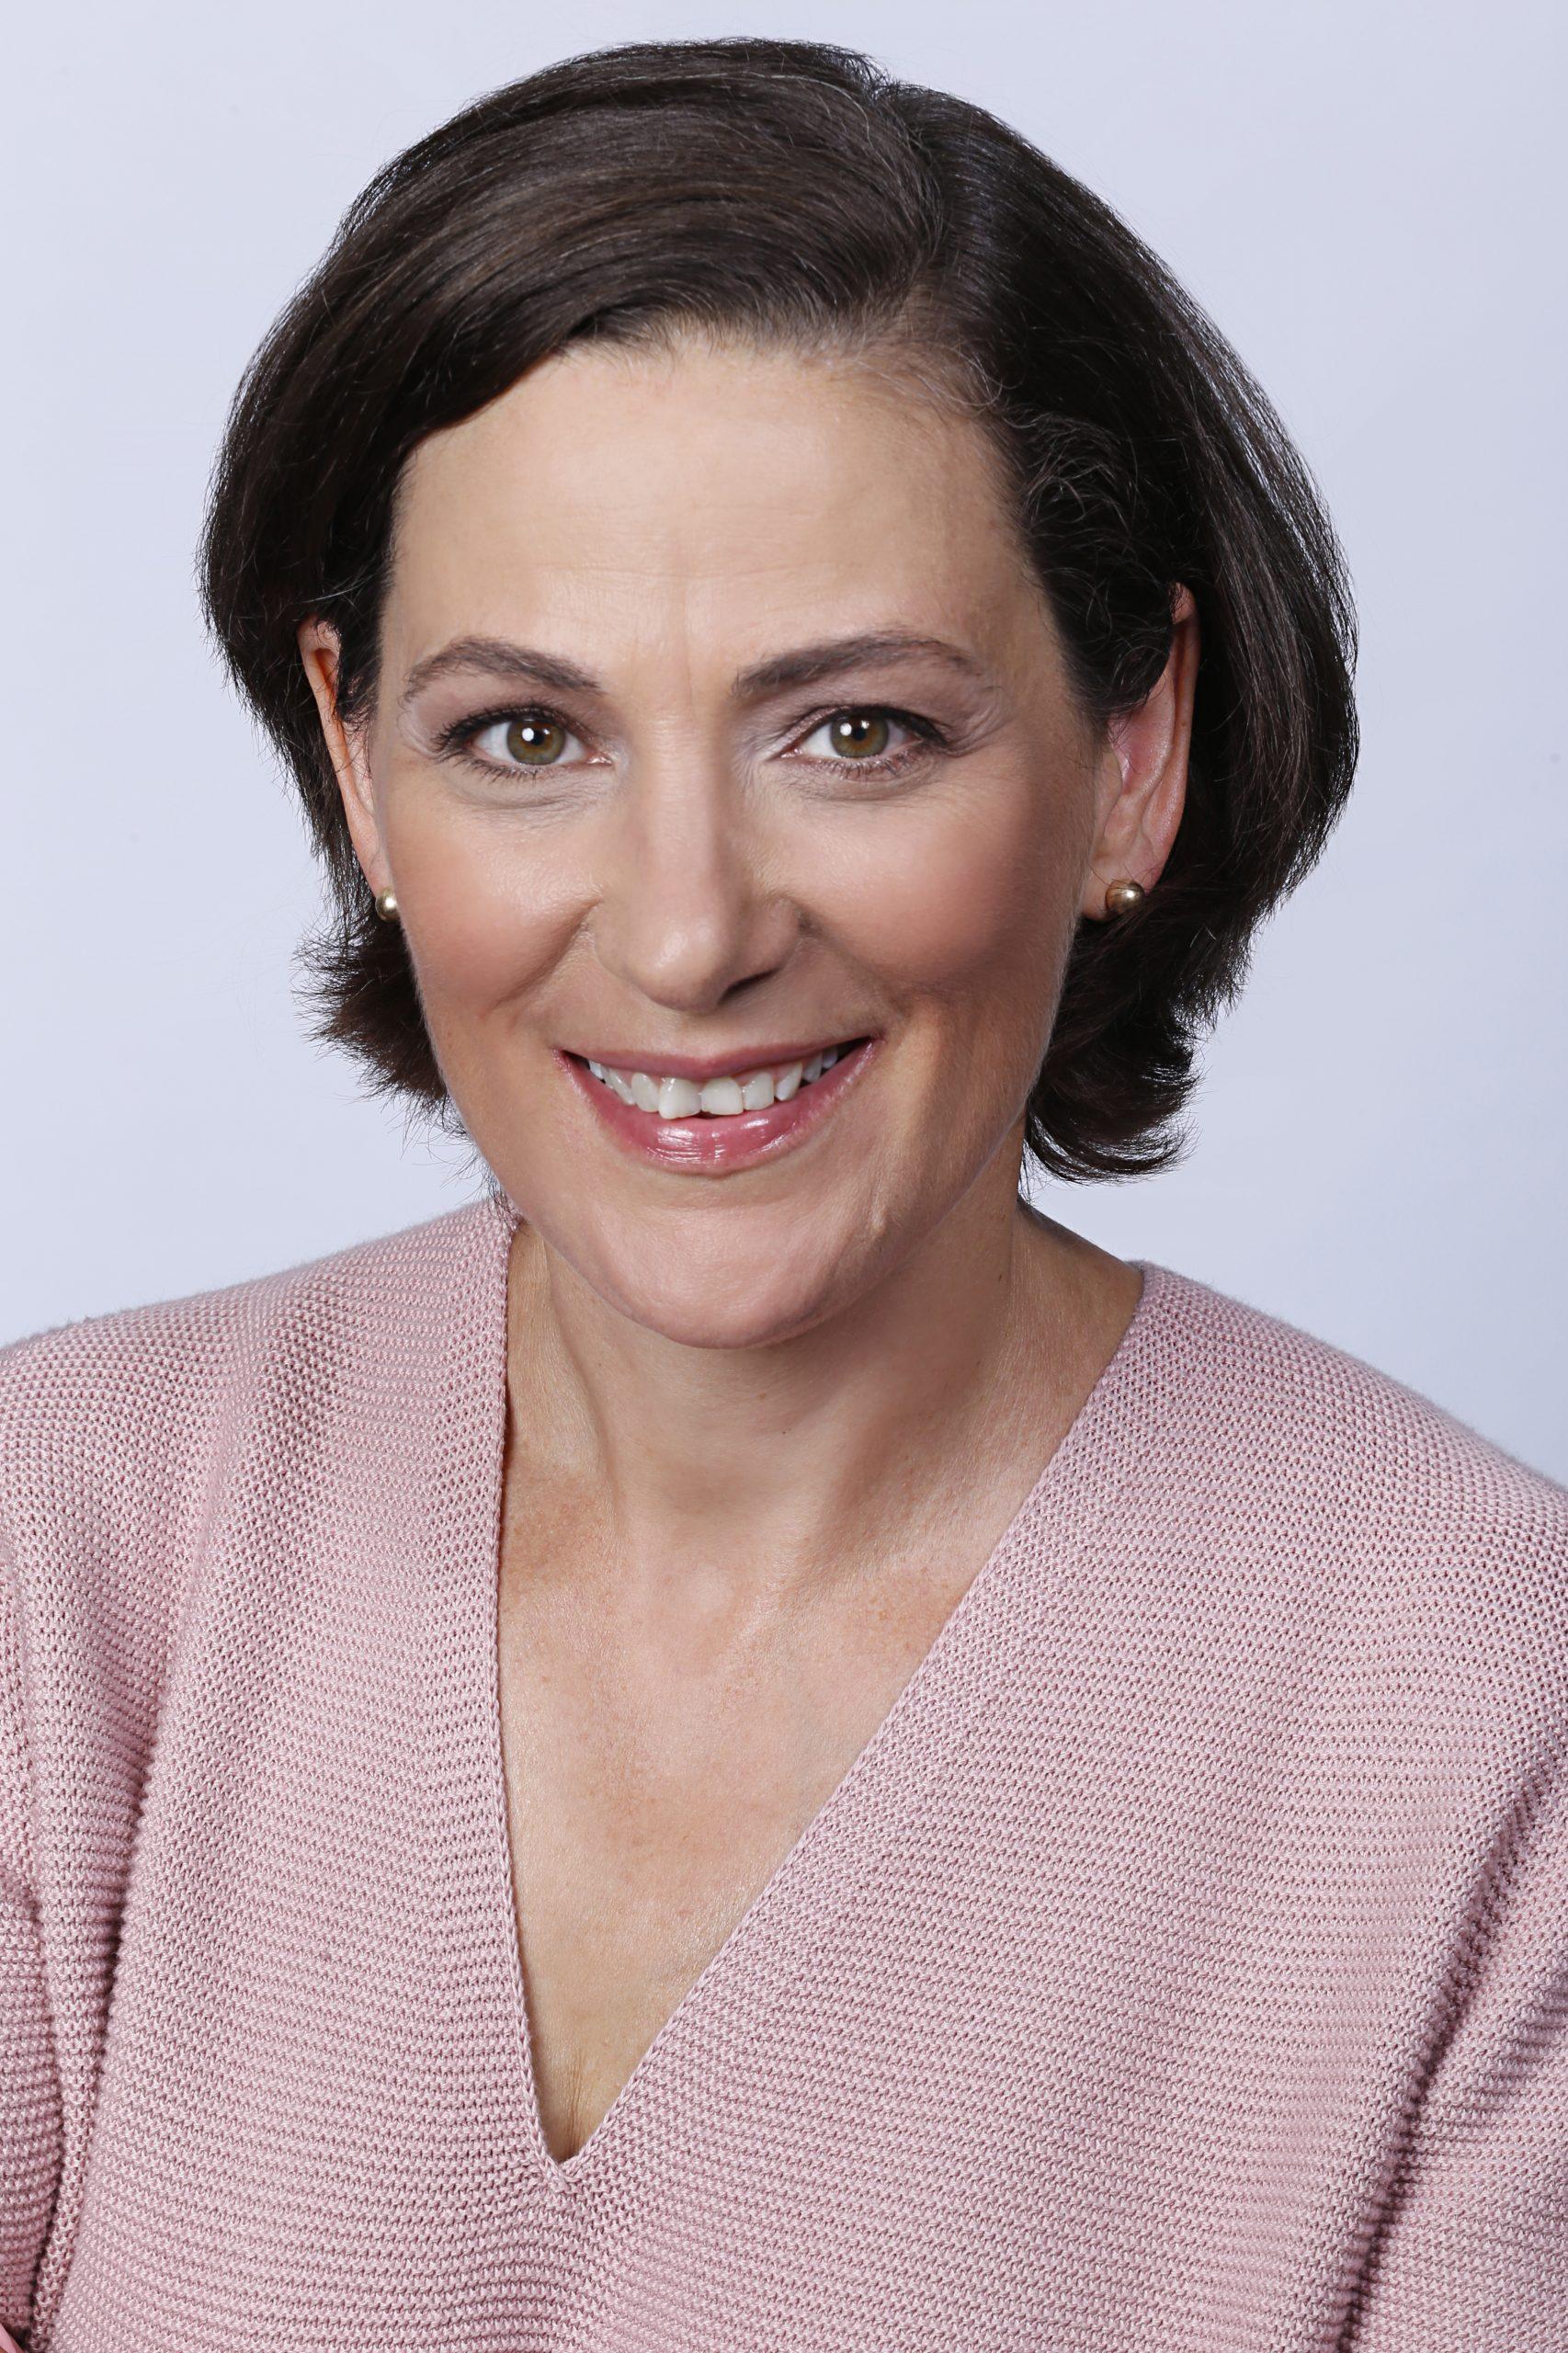 Rhondda Smiley Birth Services